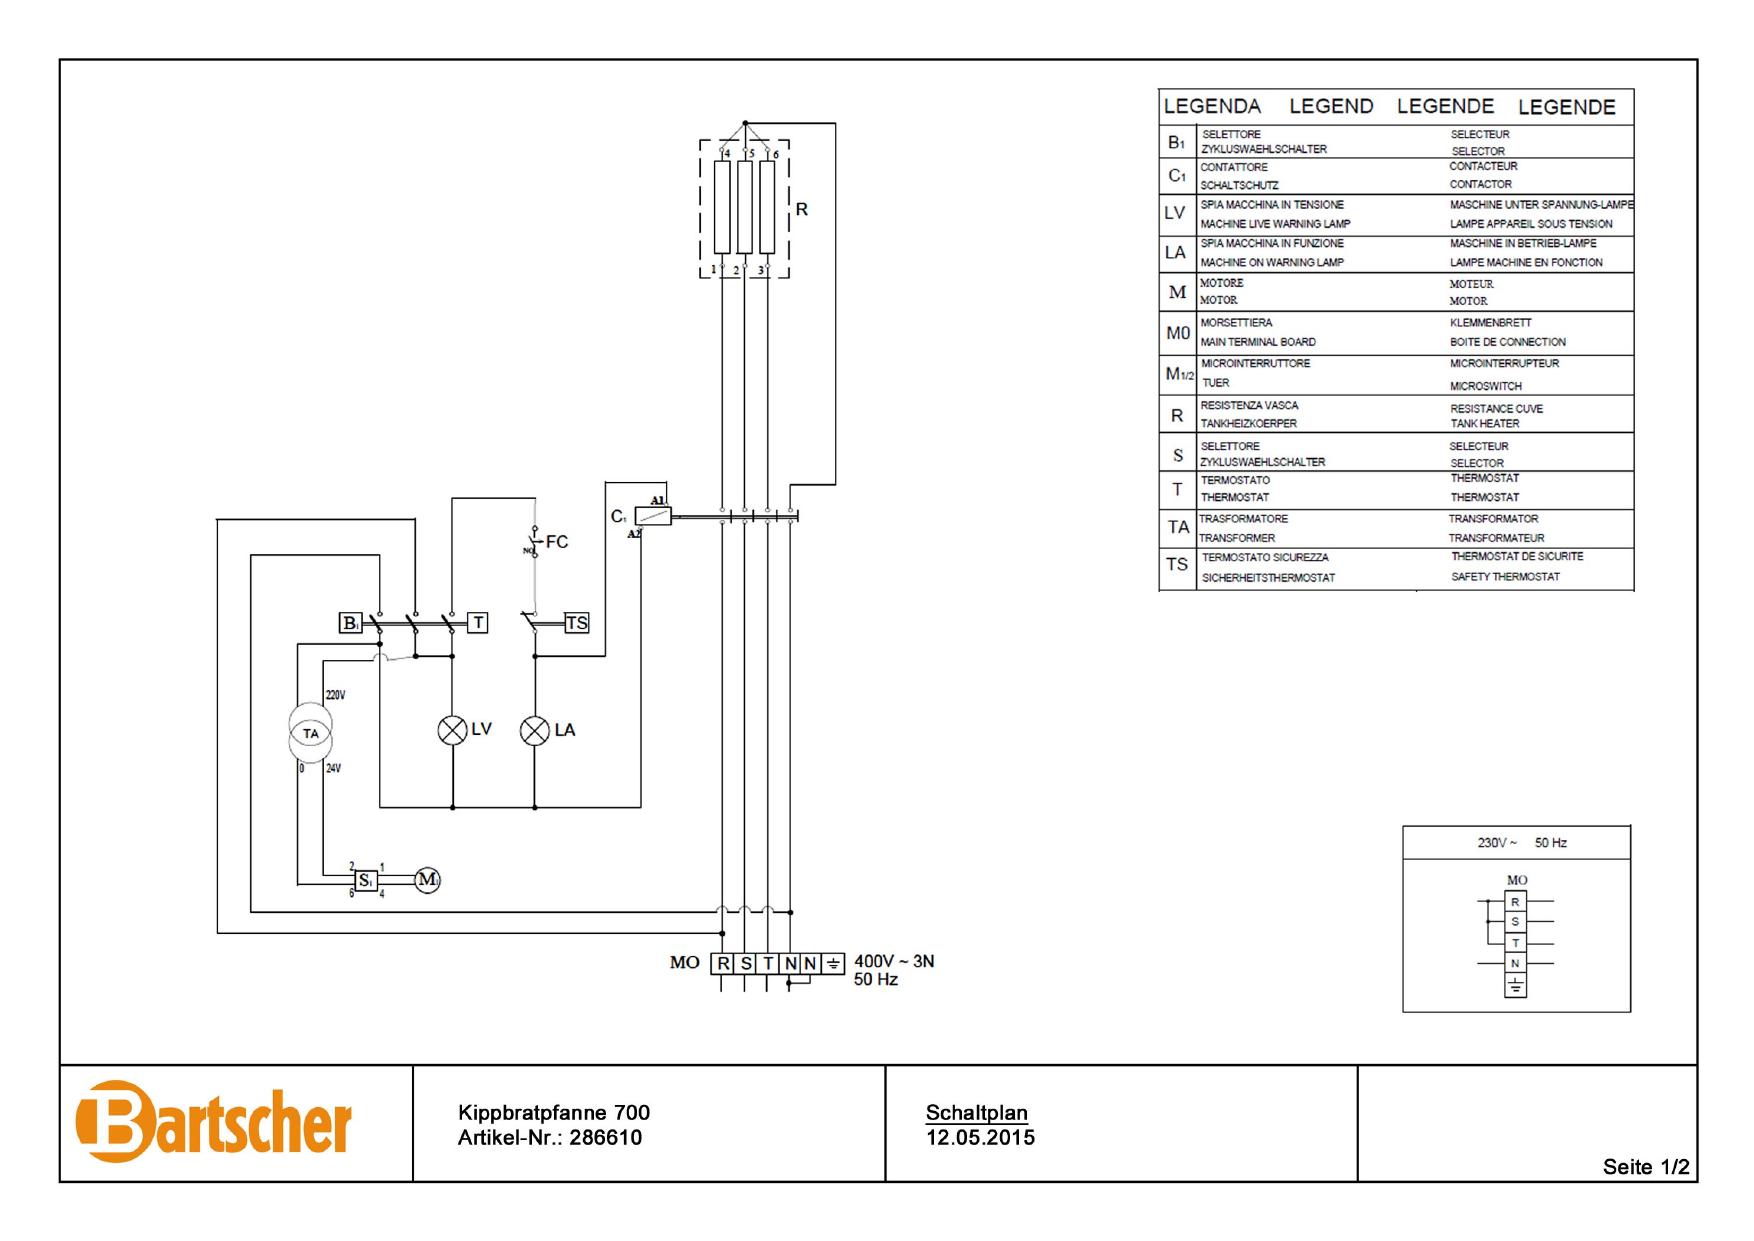 Bartscher 286610 Tilting Frying Pan 700 E50lek Wiring